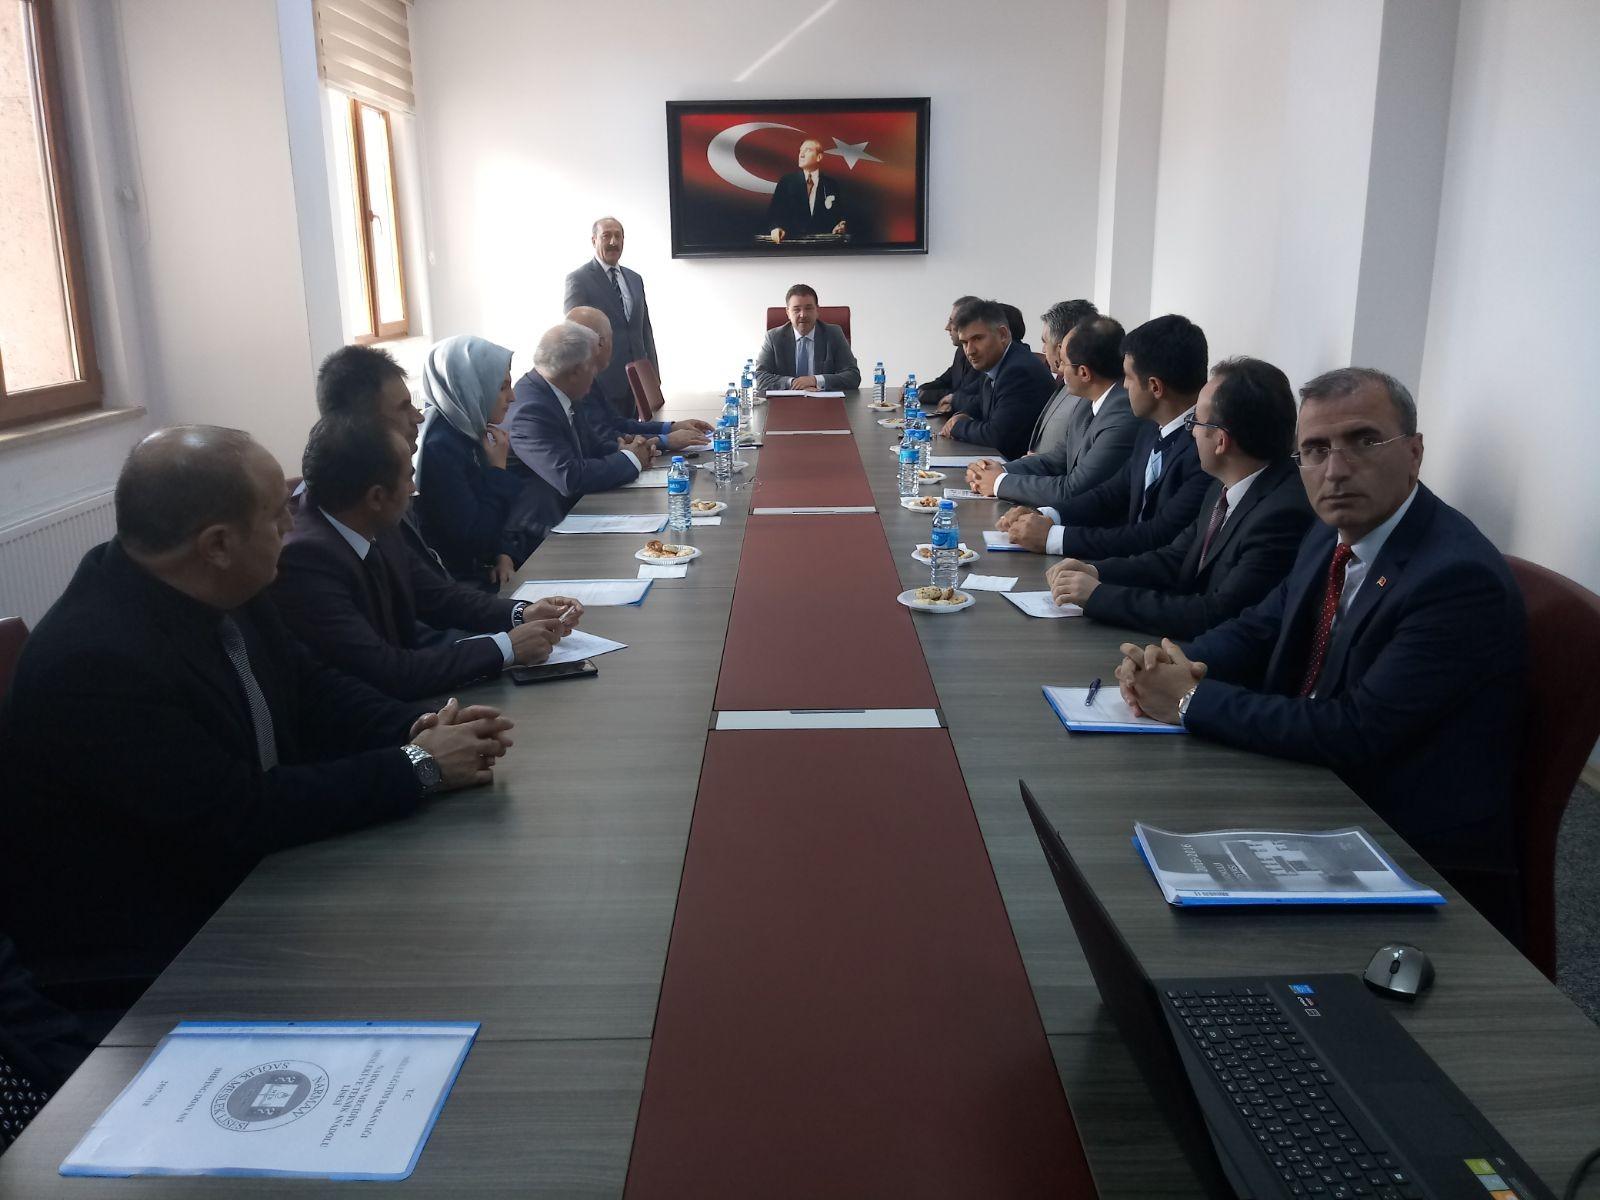 İl Milli Eğitim Müdürü Yıldız, Narman'da okul müdürleriyle toplantı yaptı